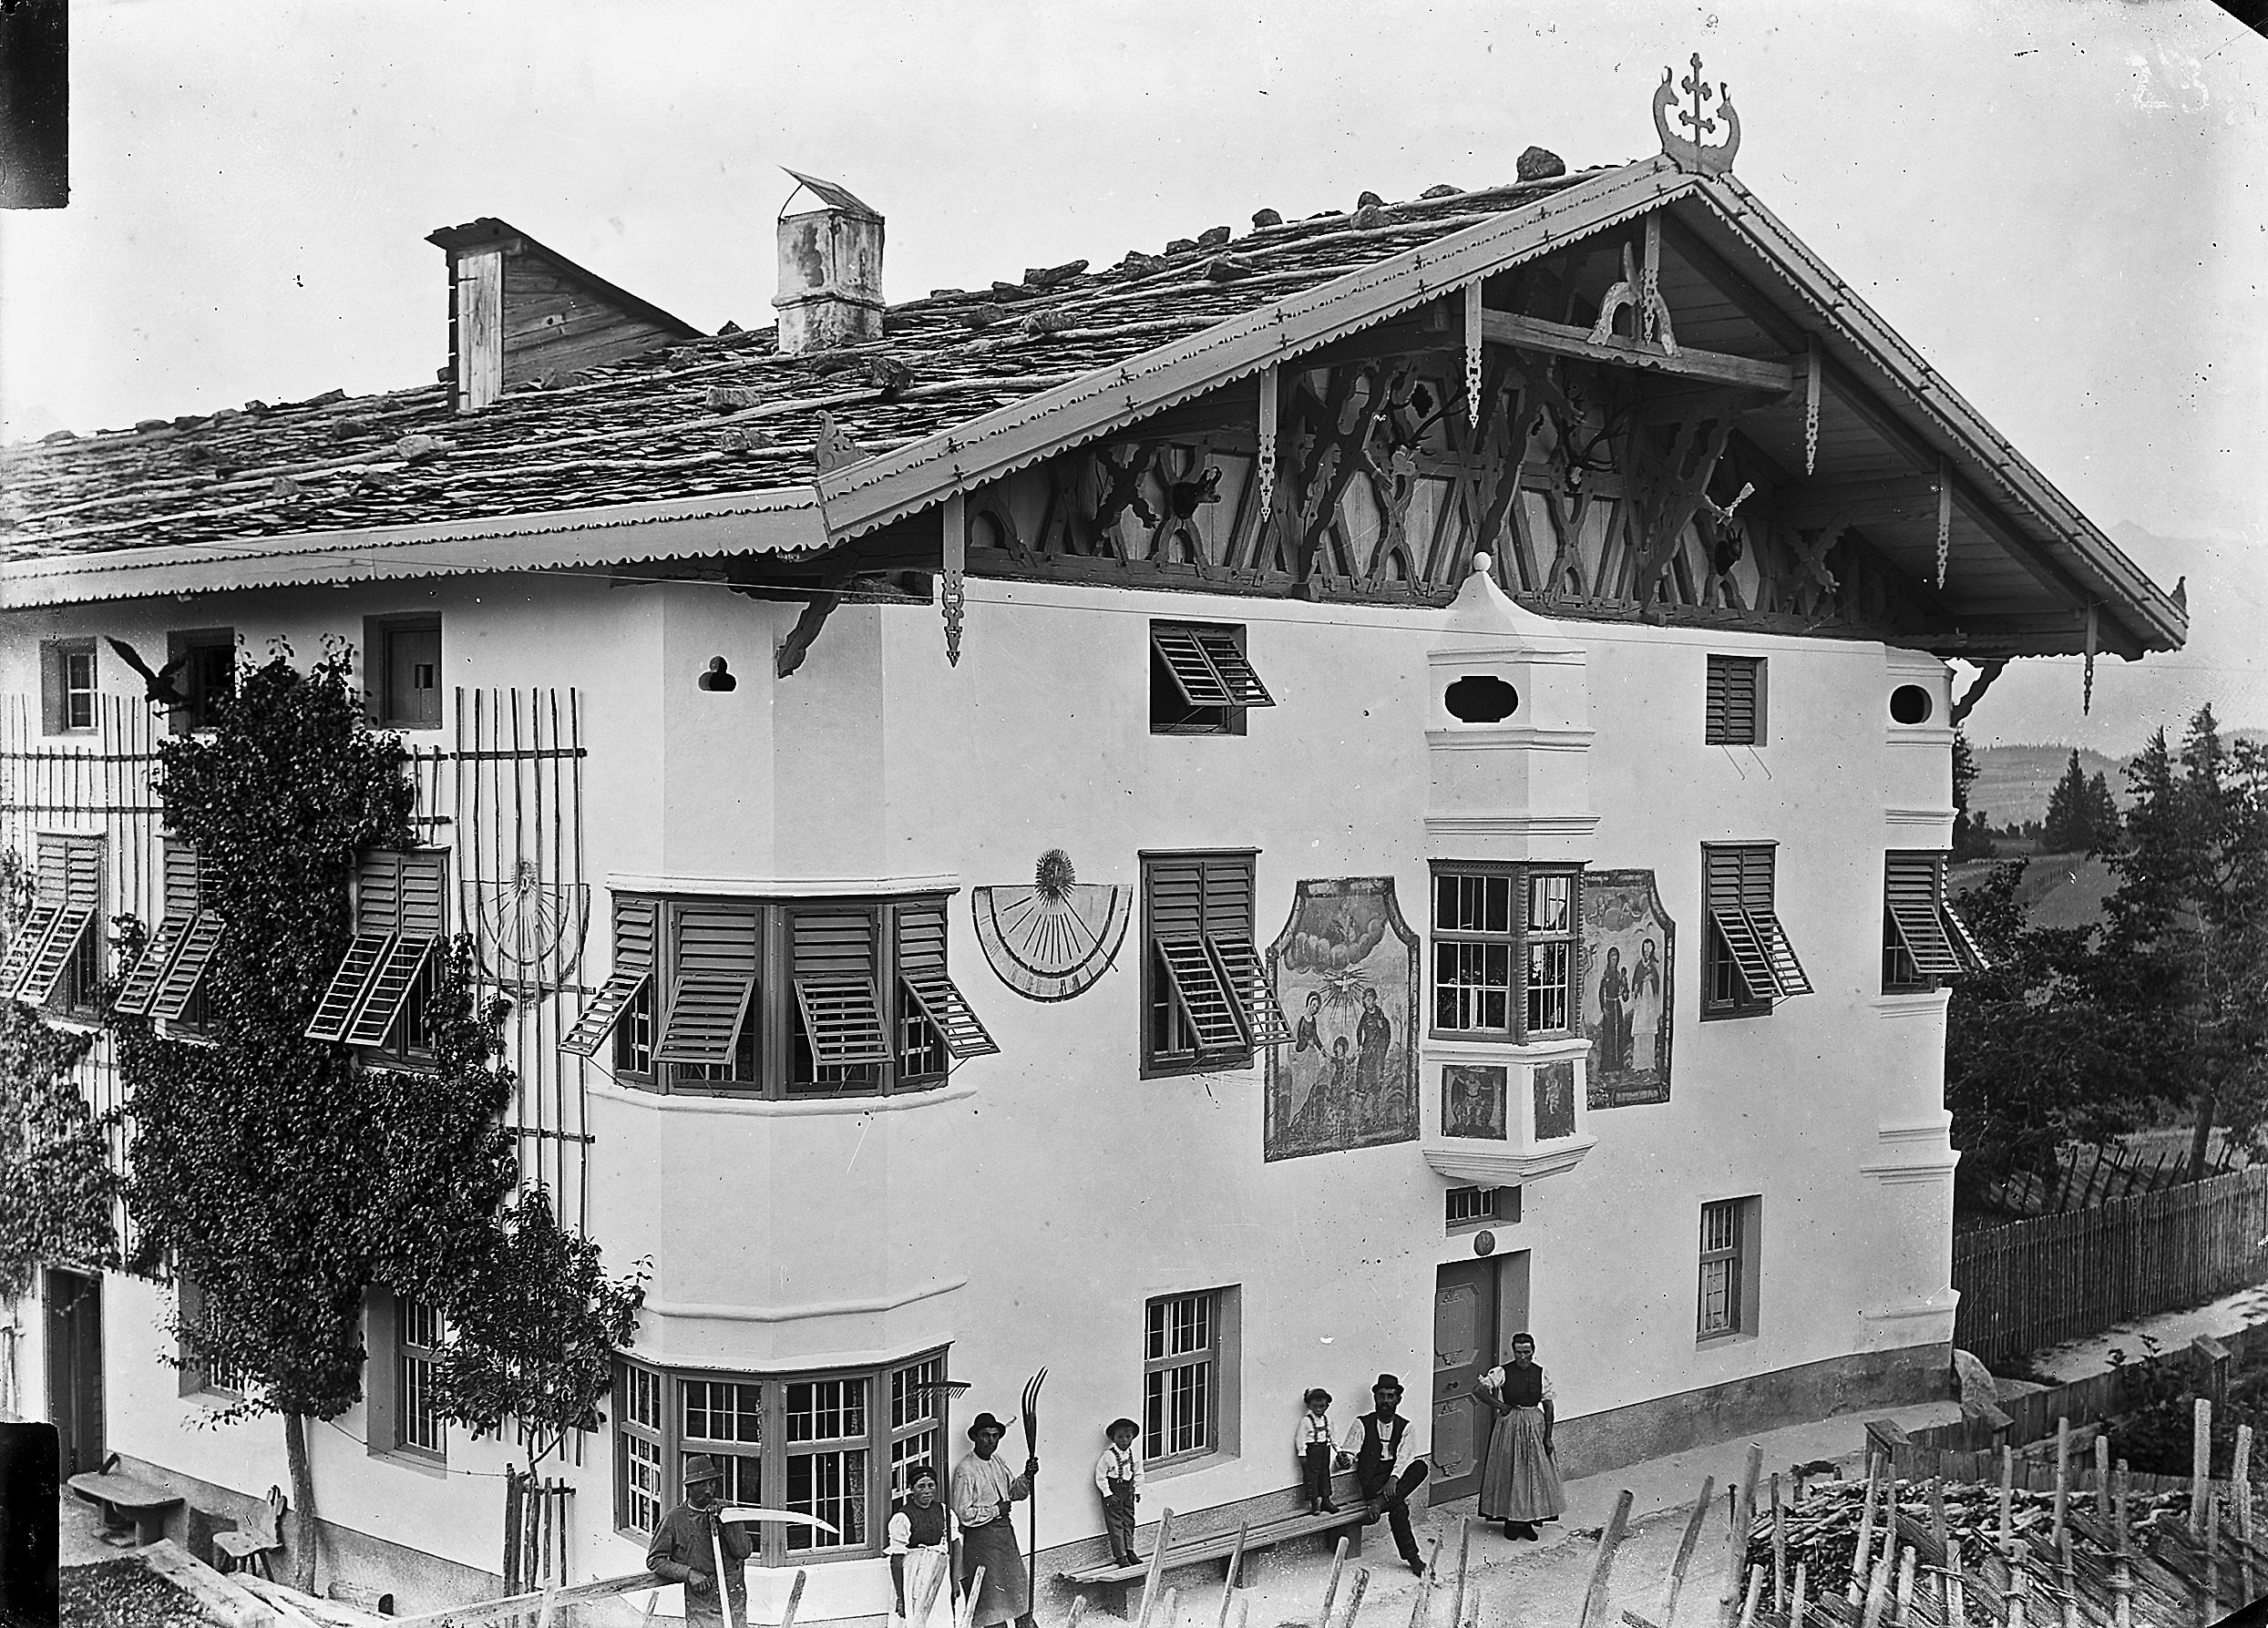 Ein Stattliches Tiroler Bauernhaus…